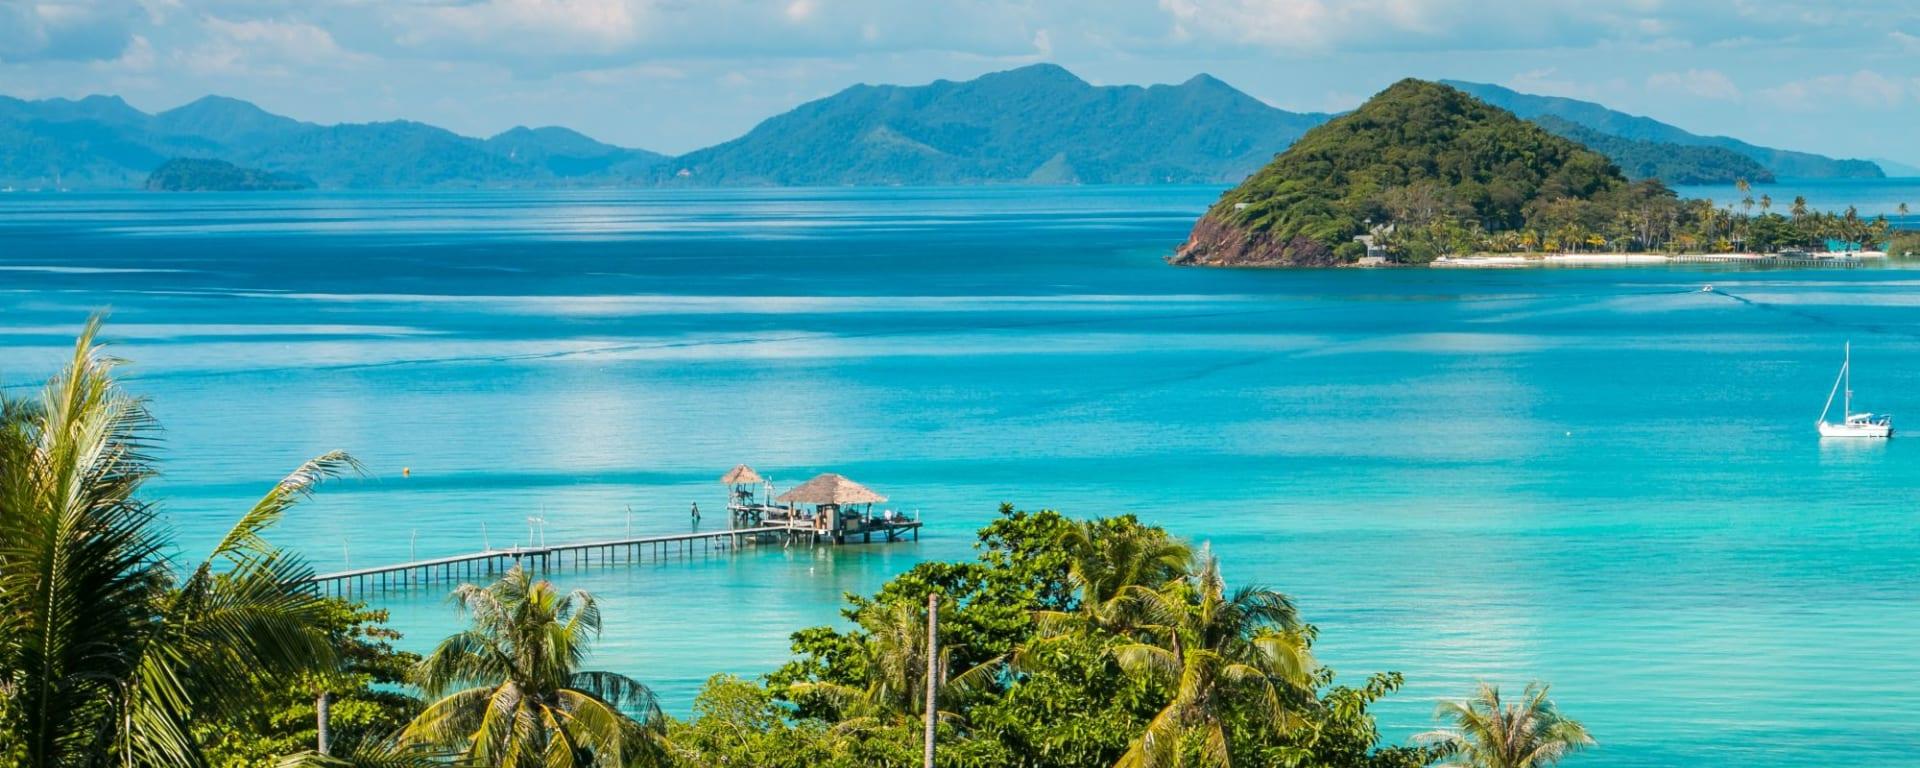 D'île en île dans le golfe de Thaïlande en individuel de Ko Chang: Ko Mak Island Viewpoint